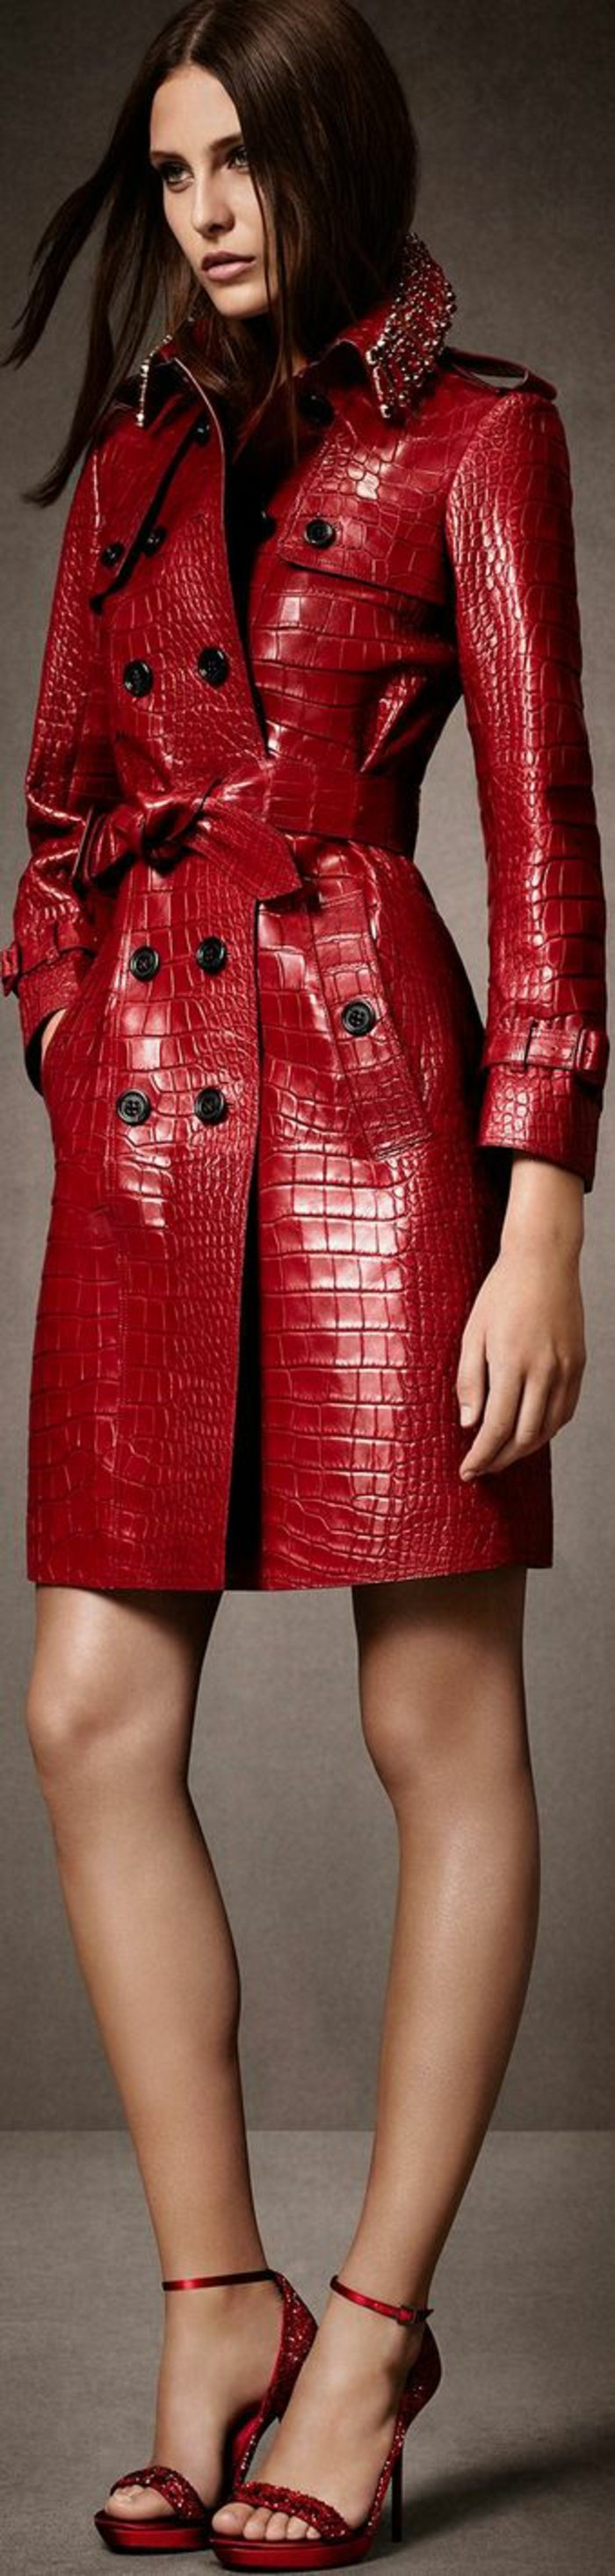 trench-femme-en-rouge-aux-motifs-croco-Burberry